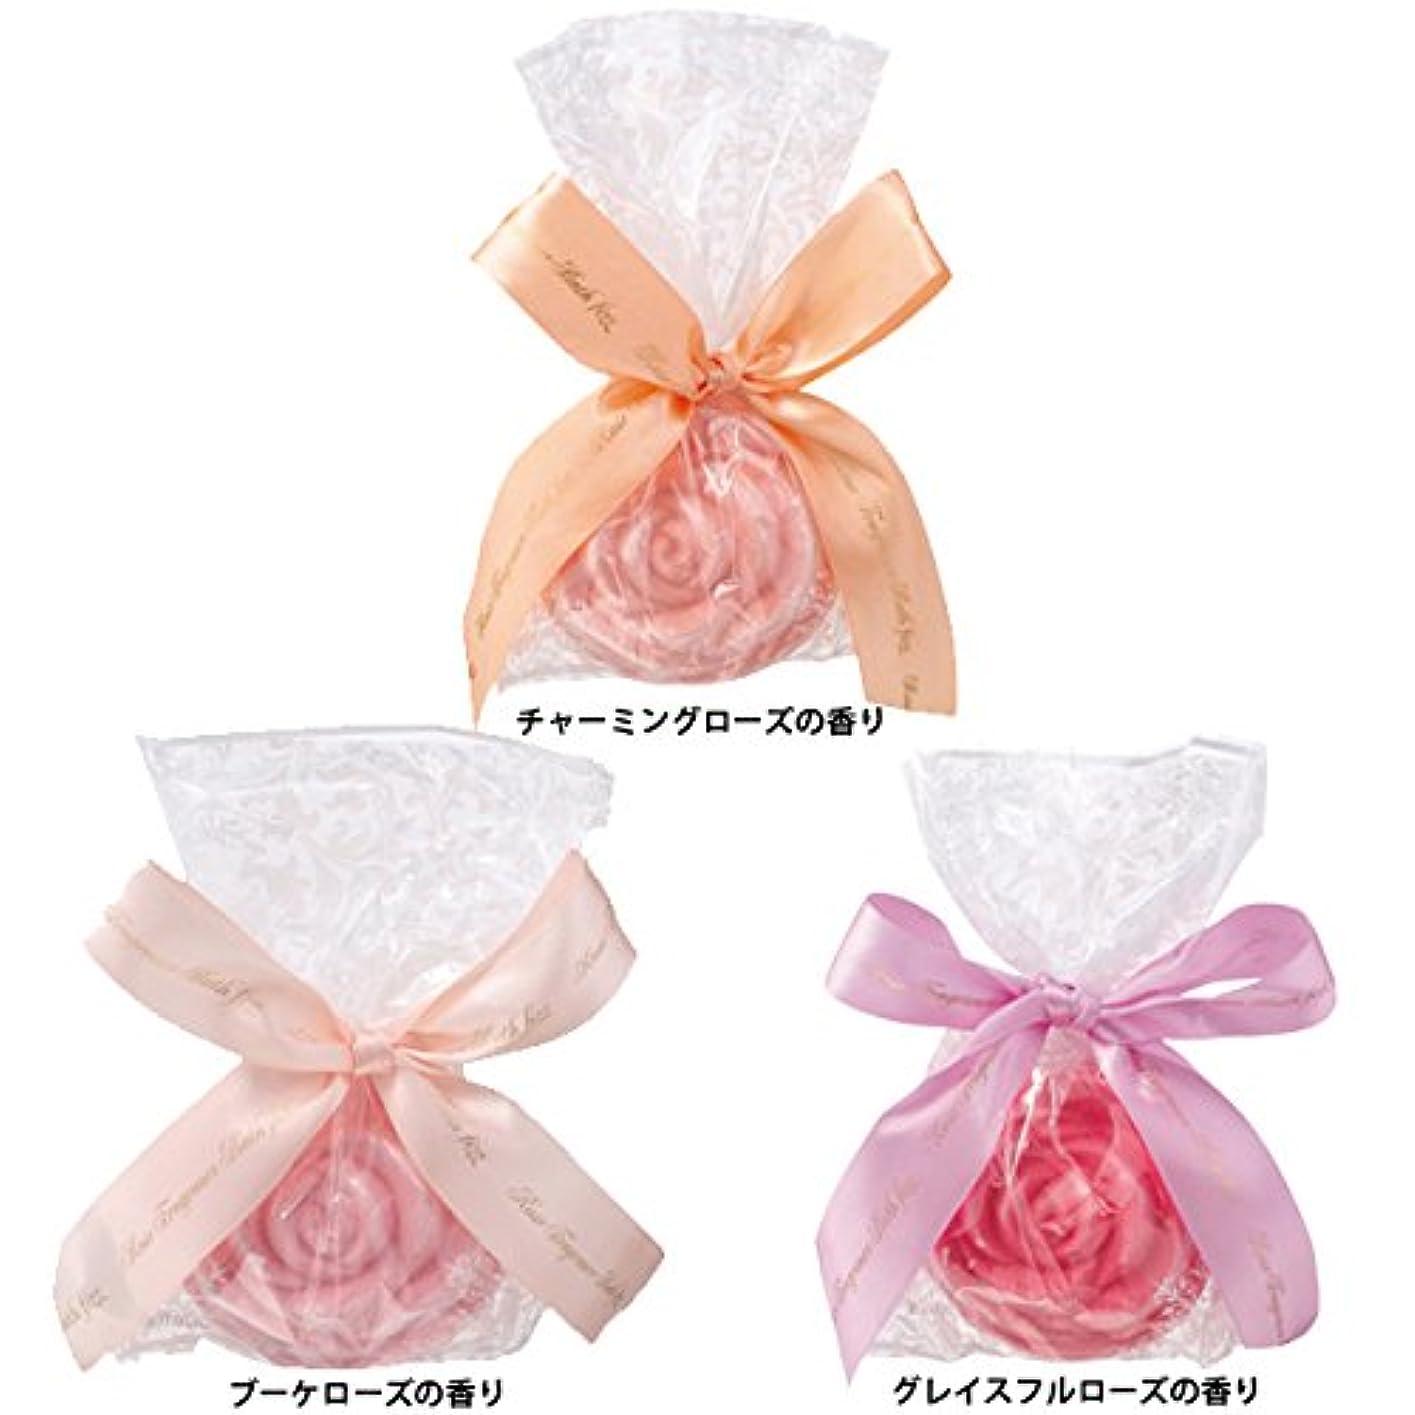 形成勝利煙突(内野)UCHINO ノルコーポレーション ローズフレグランスソープ P(ブーケローズの香り)